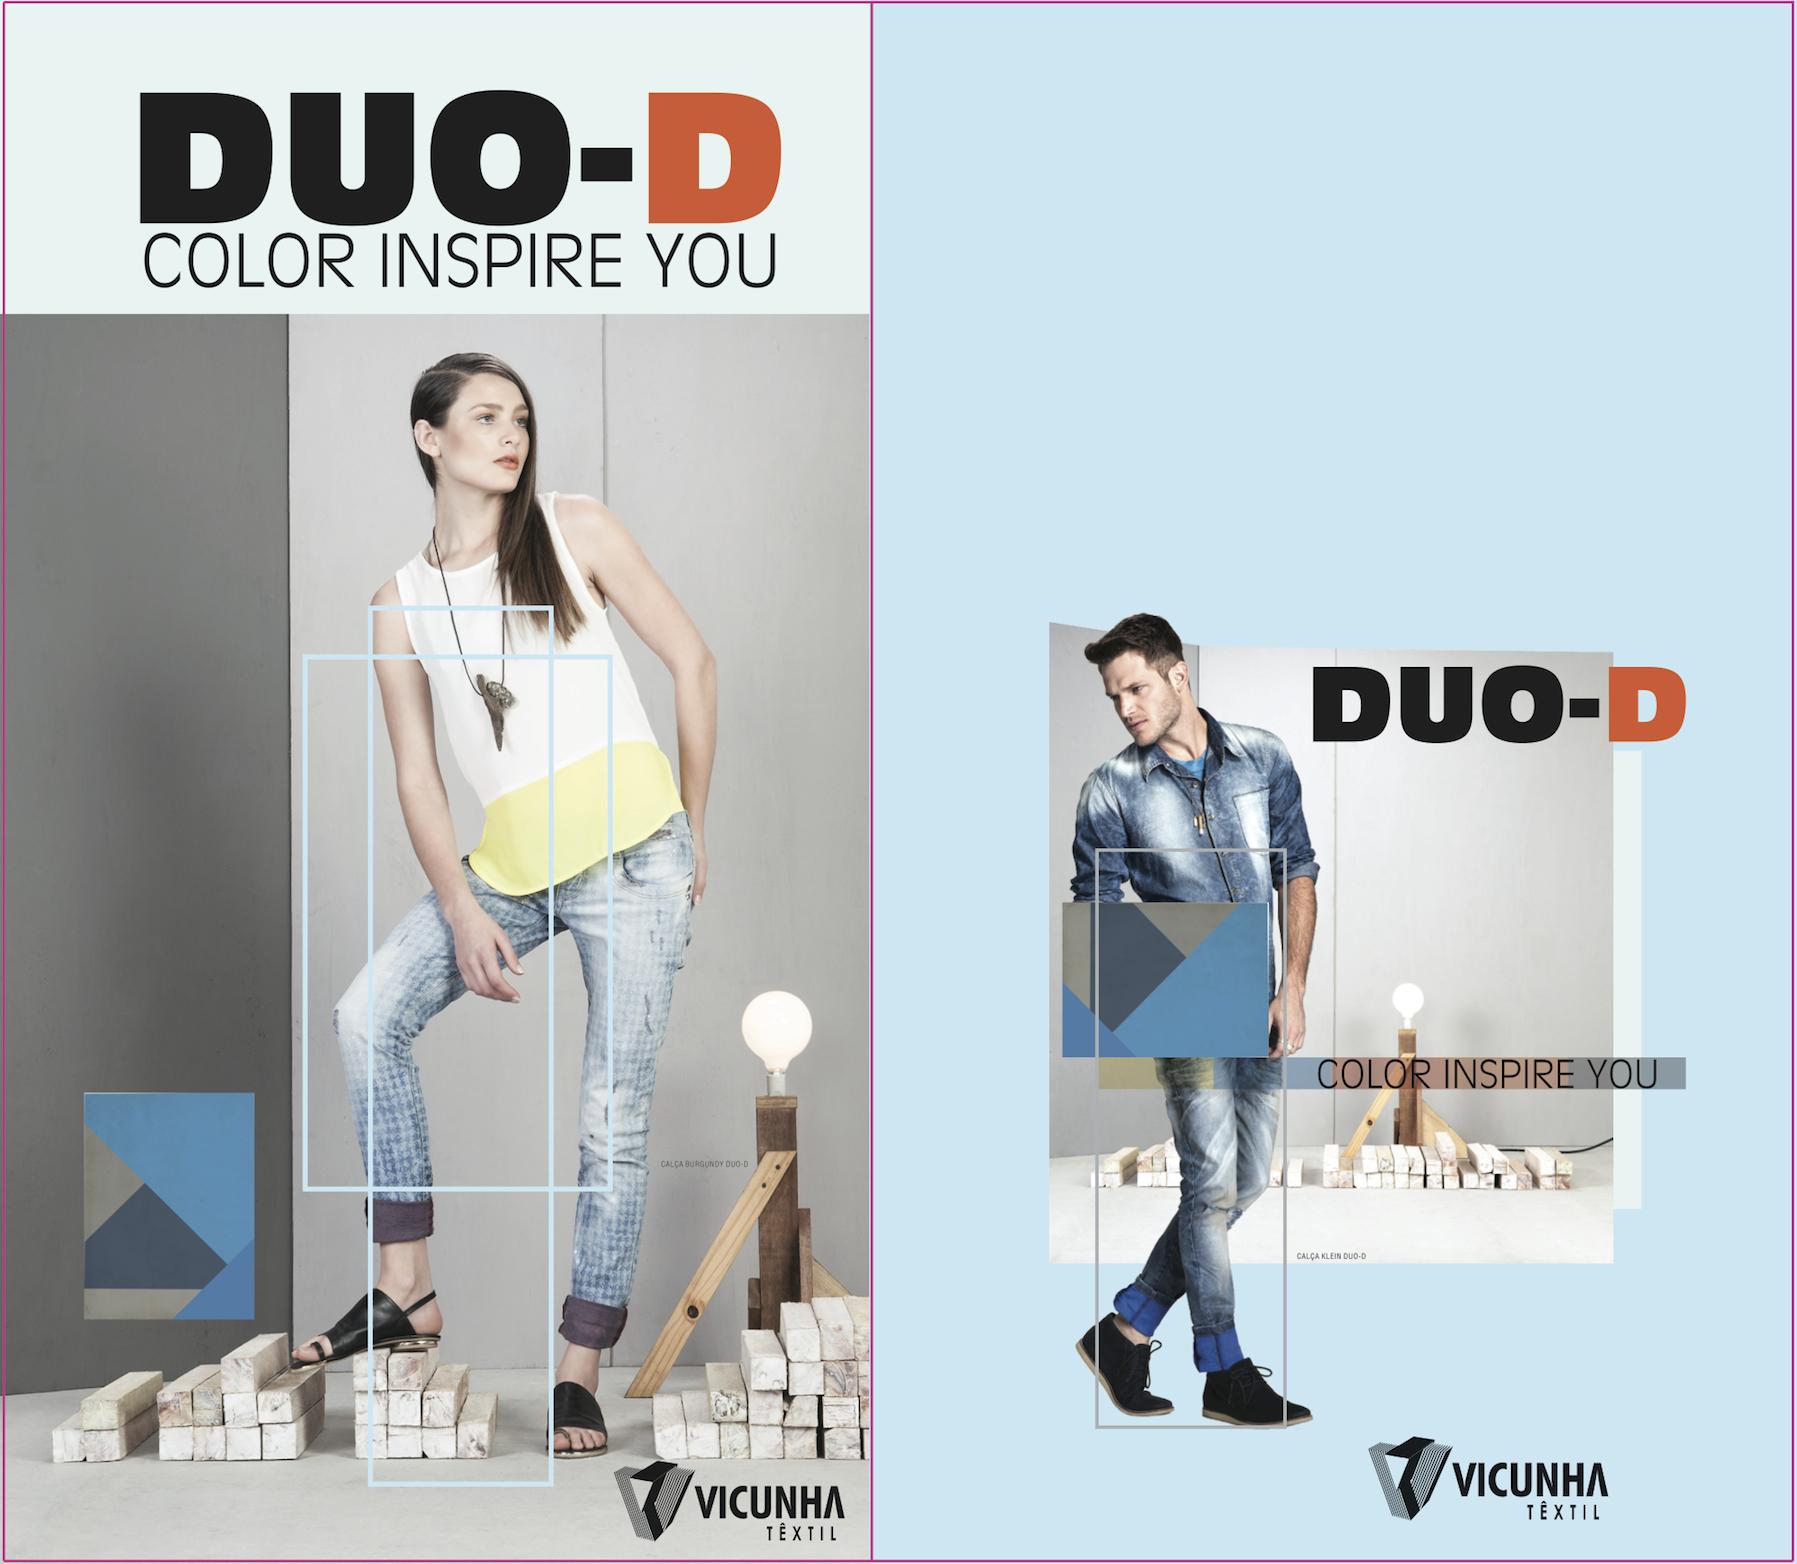 06_duod_book1_copy.jpg